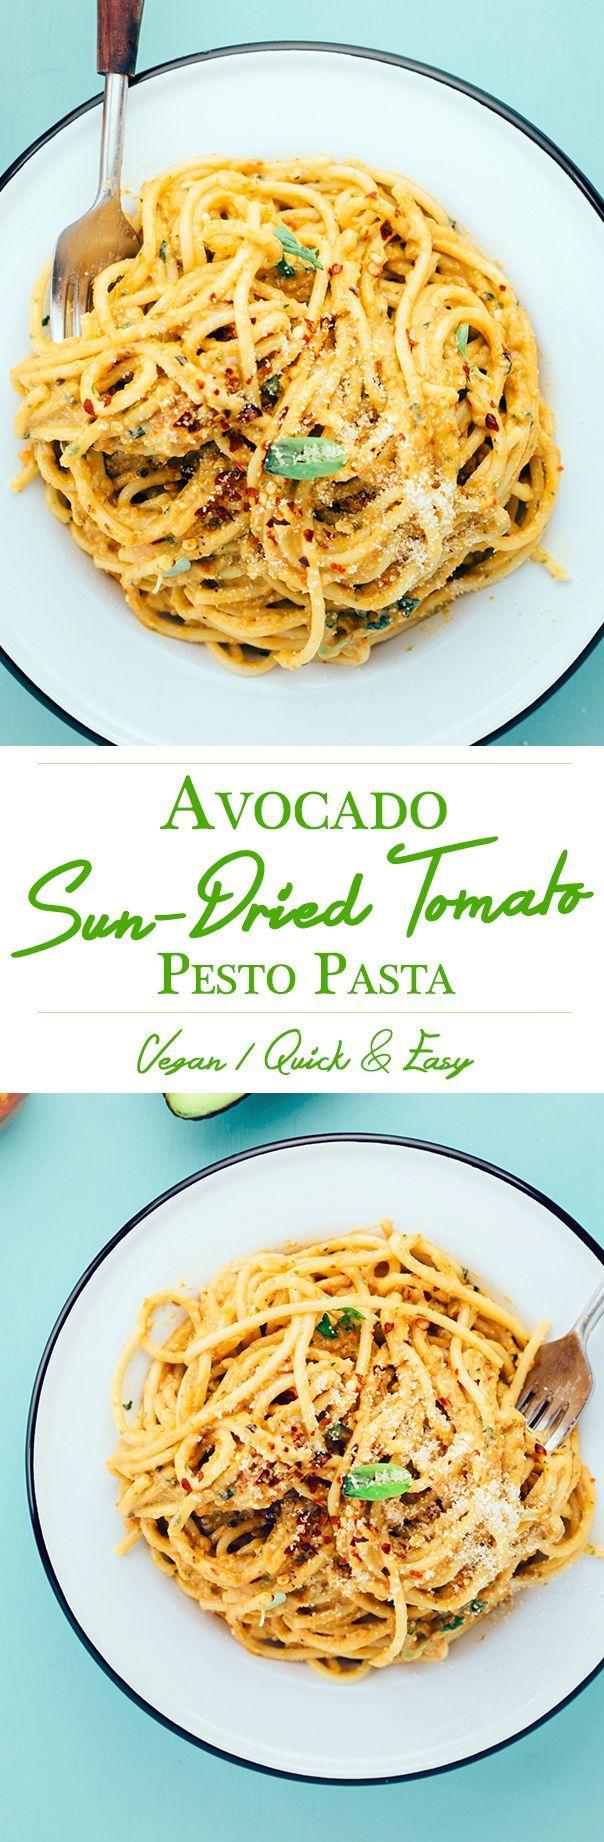 Vegan Avocado and Sun-dried Tomato Pesto Pasta.